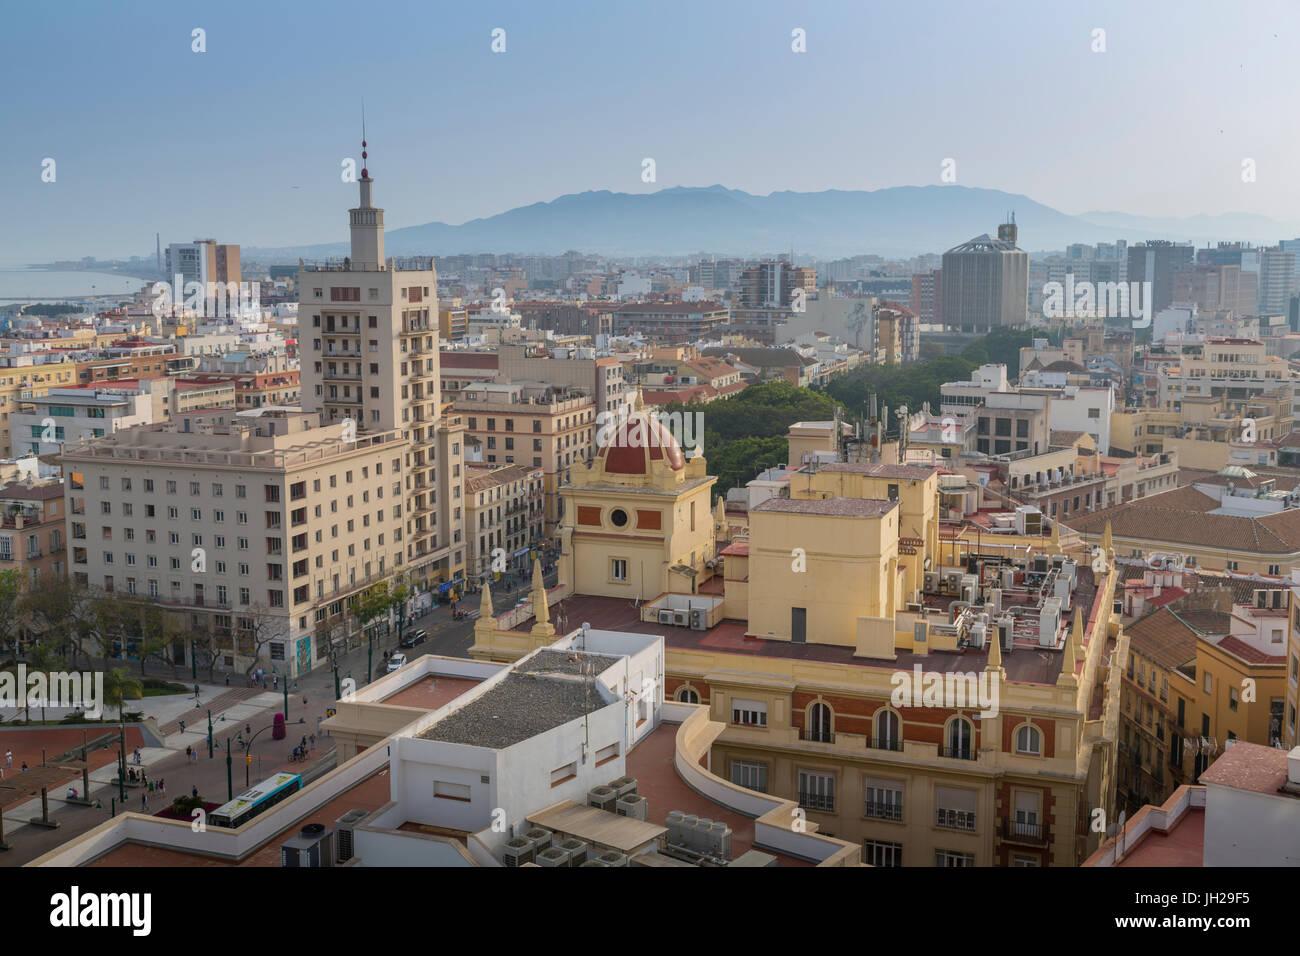 Vista elevada de la Alameda Principal, Málaga, Costa del Sol, Andalucía, España, Europa Imagen De Stock